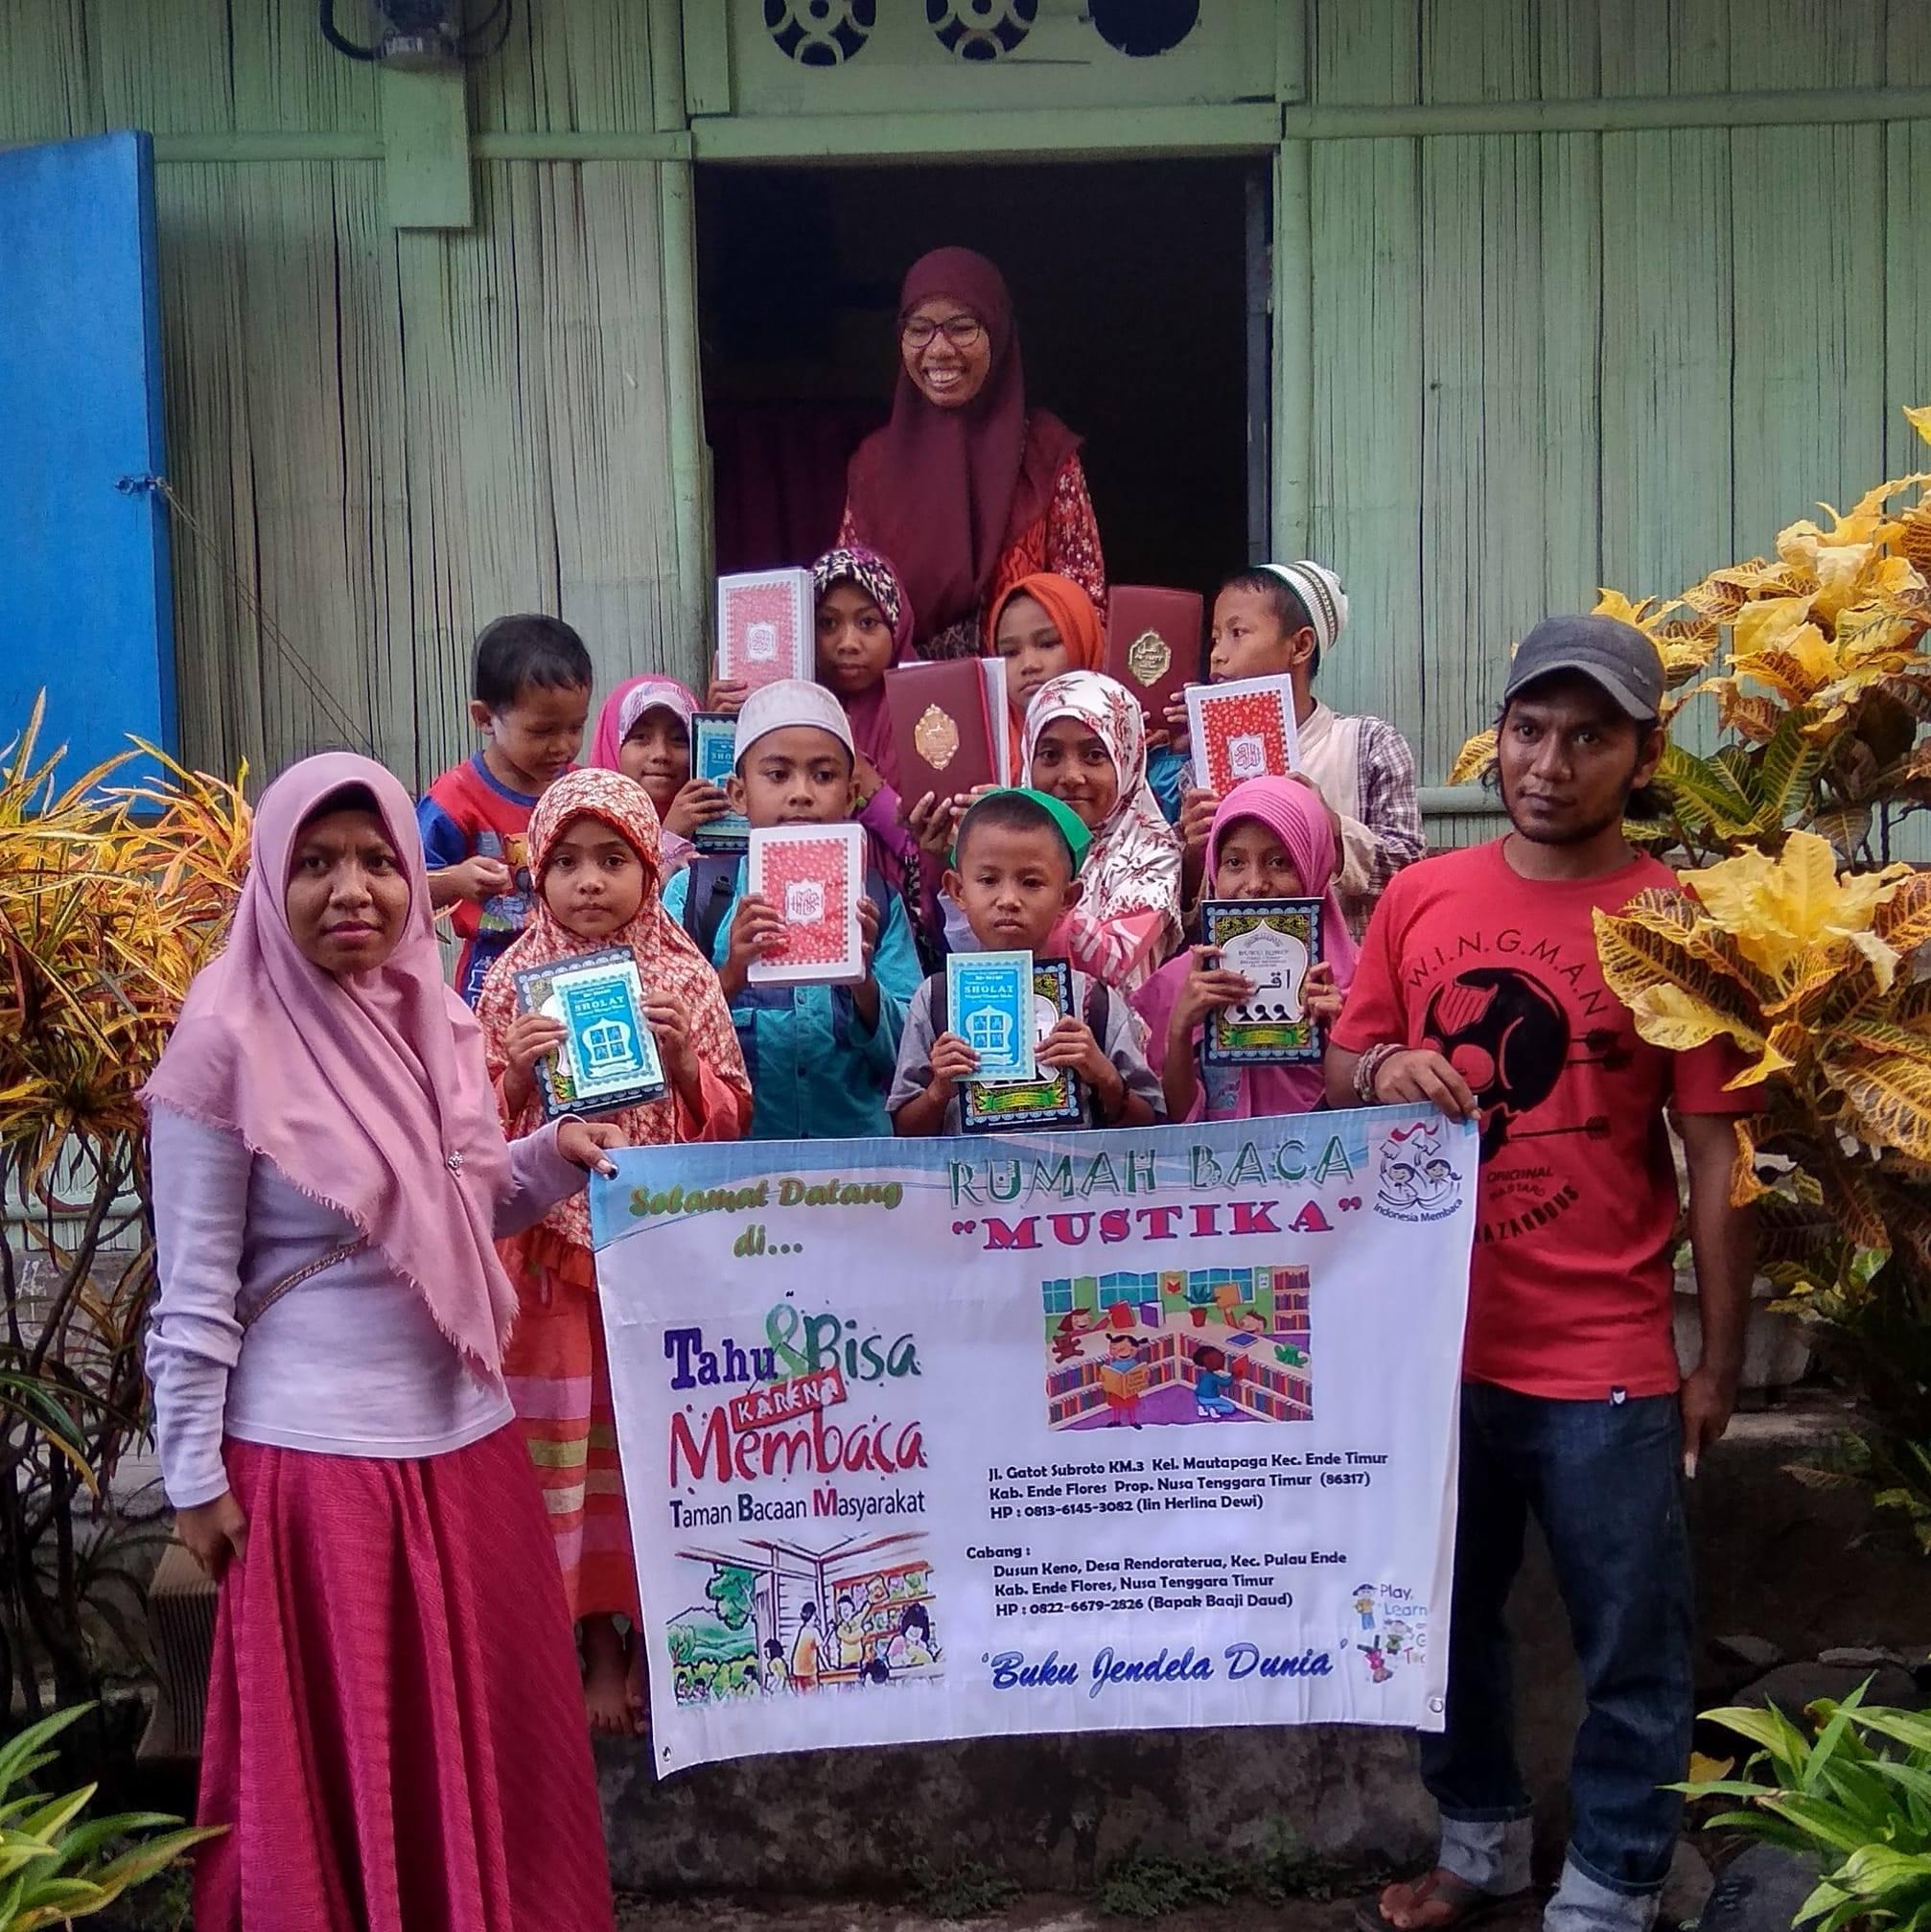 Rumah Baca Mustika, salah satu komunitas literasi di Indonesia